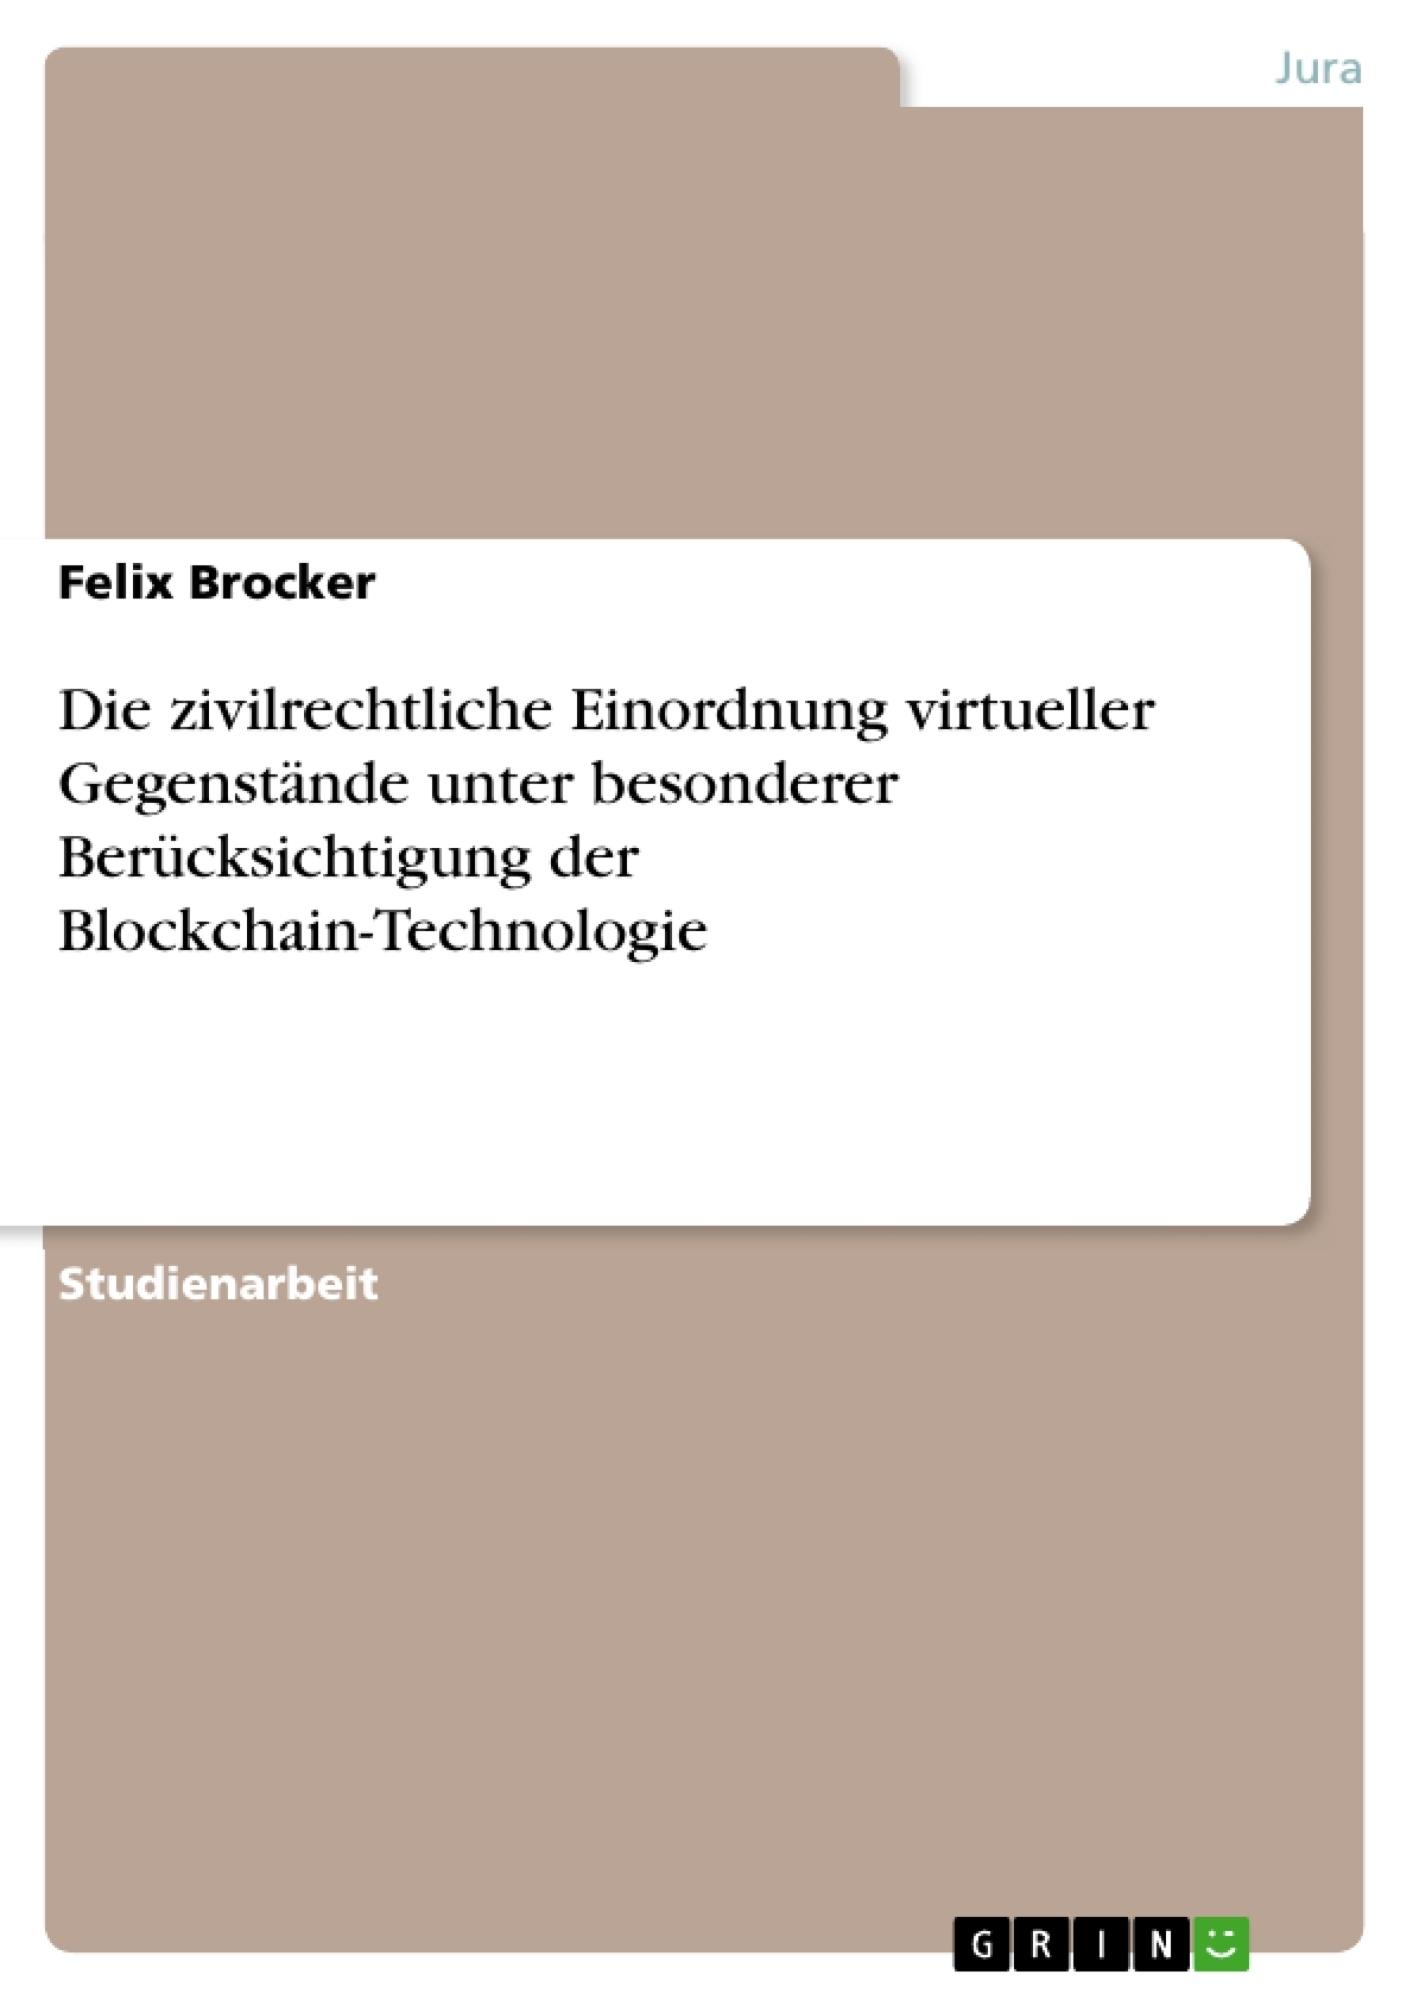 Titel: Die zivilrechtliche Einordnung virtueller Gegenstände unter besonderer Berücksichtigung der Blockchain-Technologie